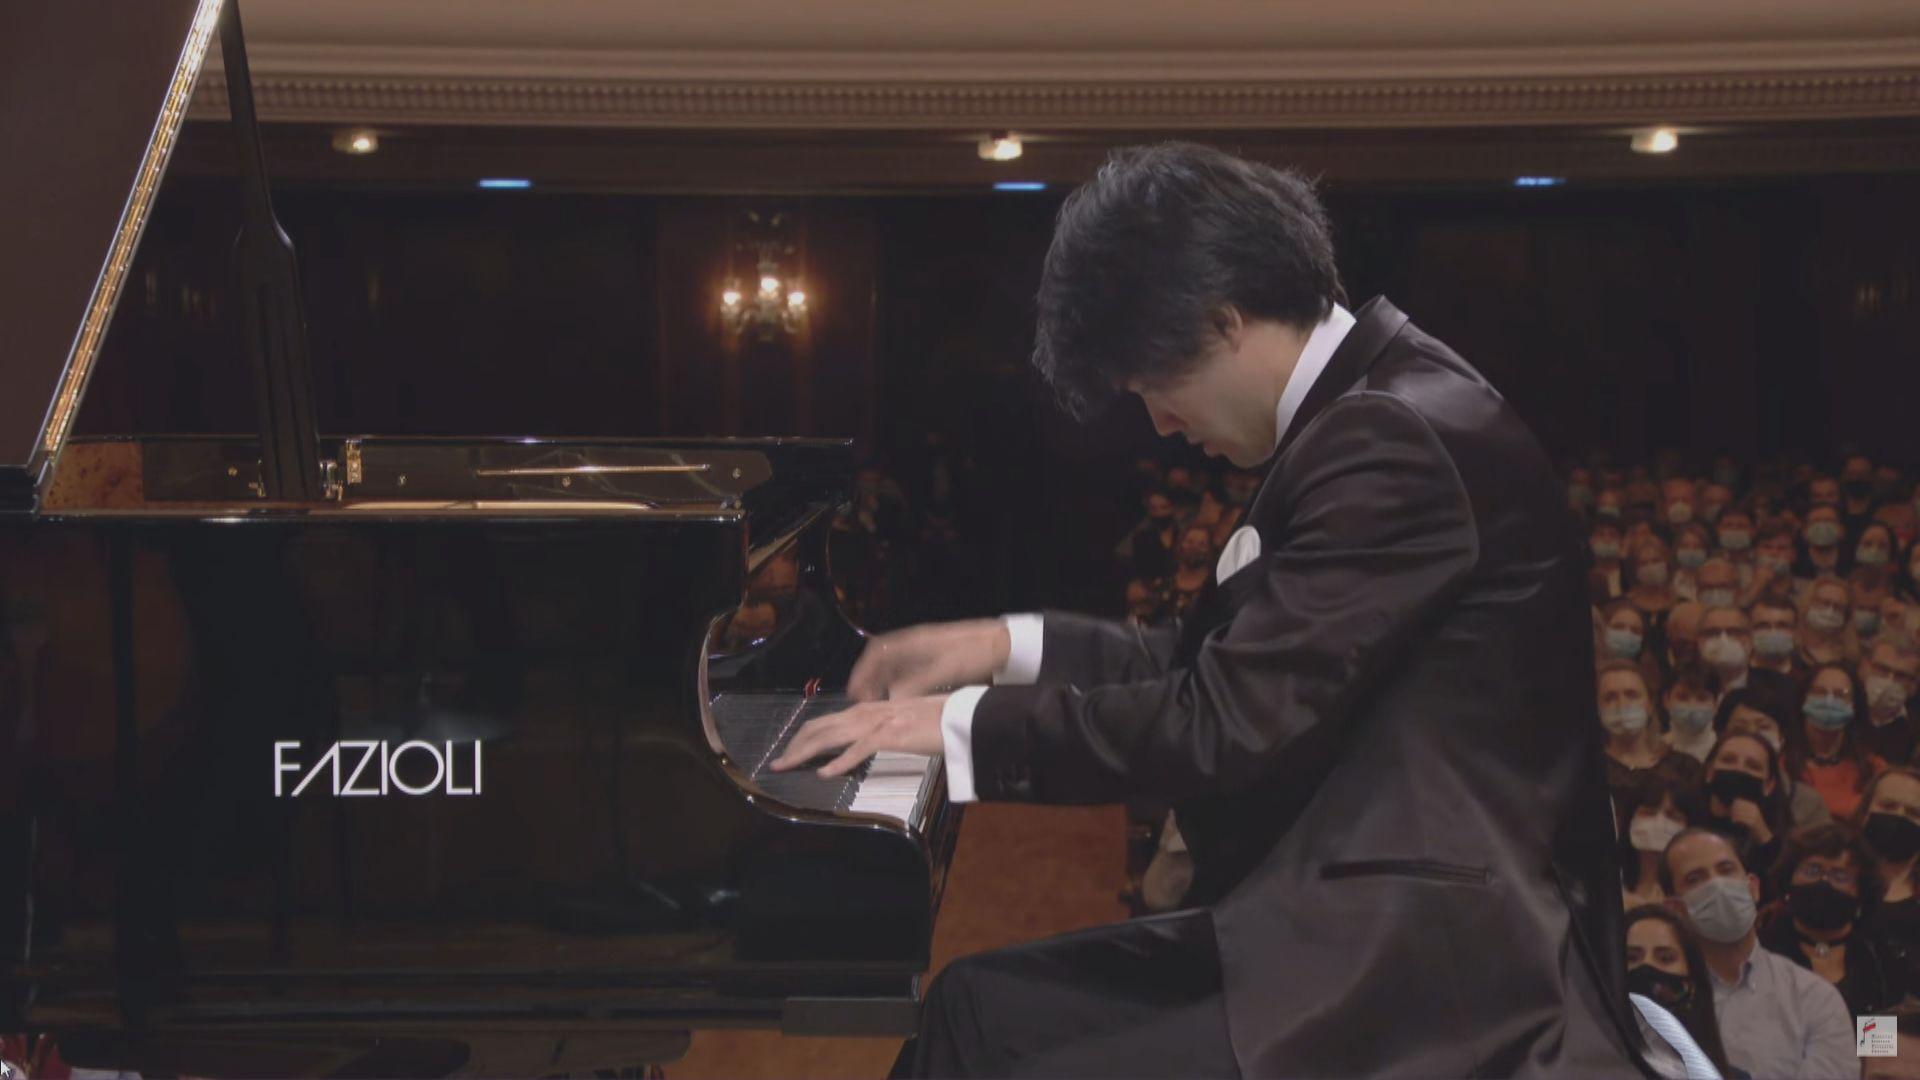 劉曉禹脫穎而出 奪蕭邦國際鋼琴大賽第一名